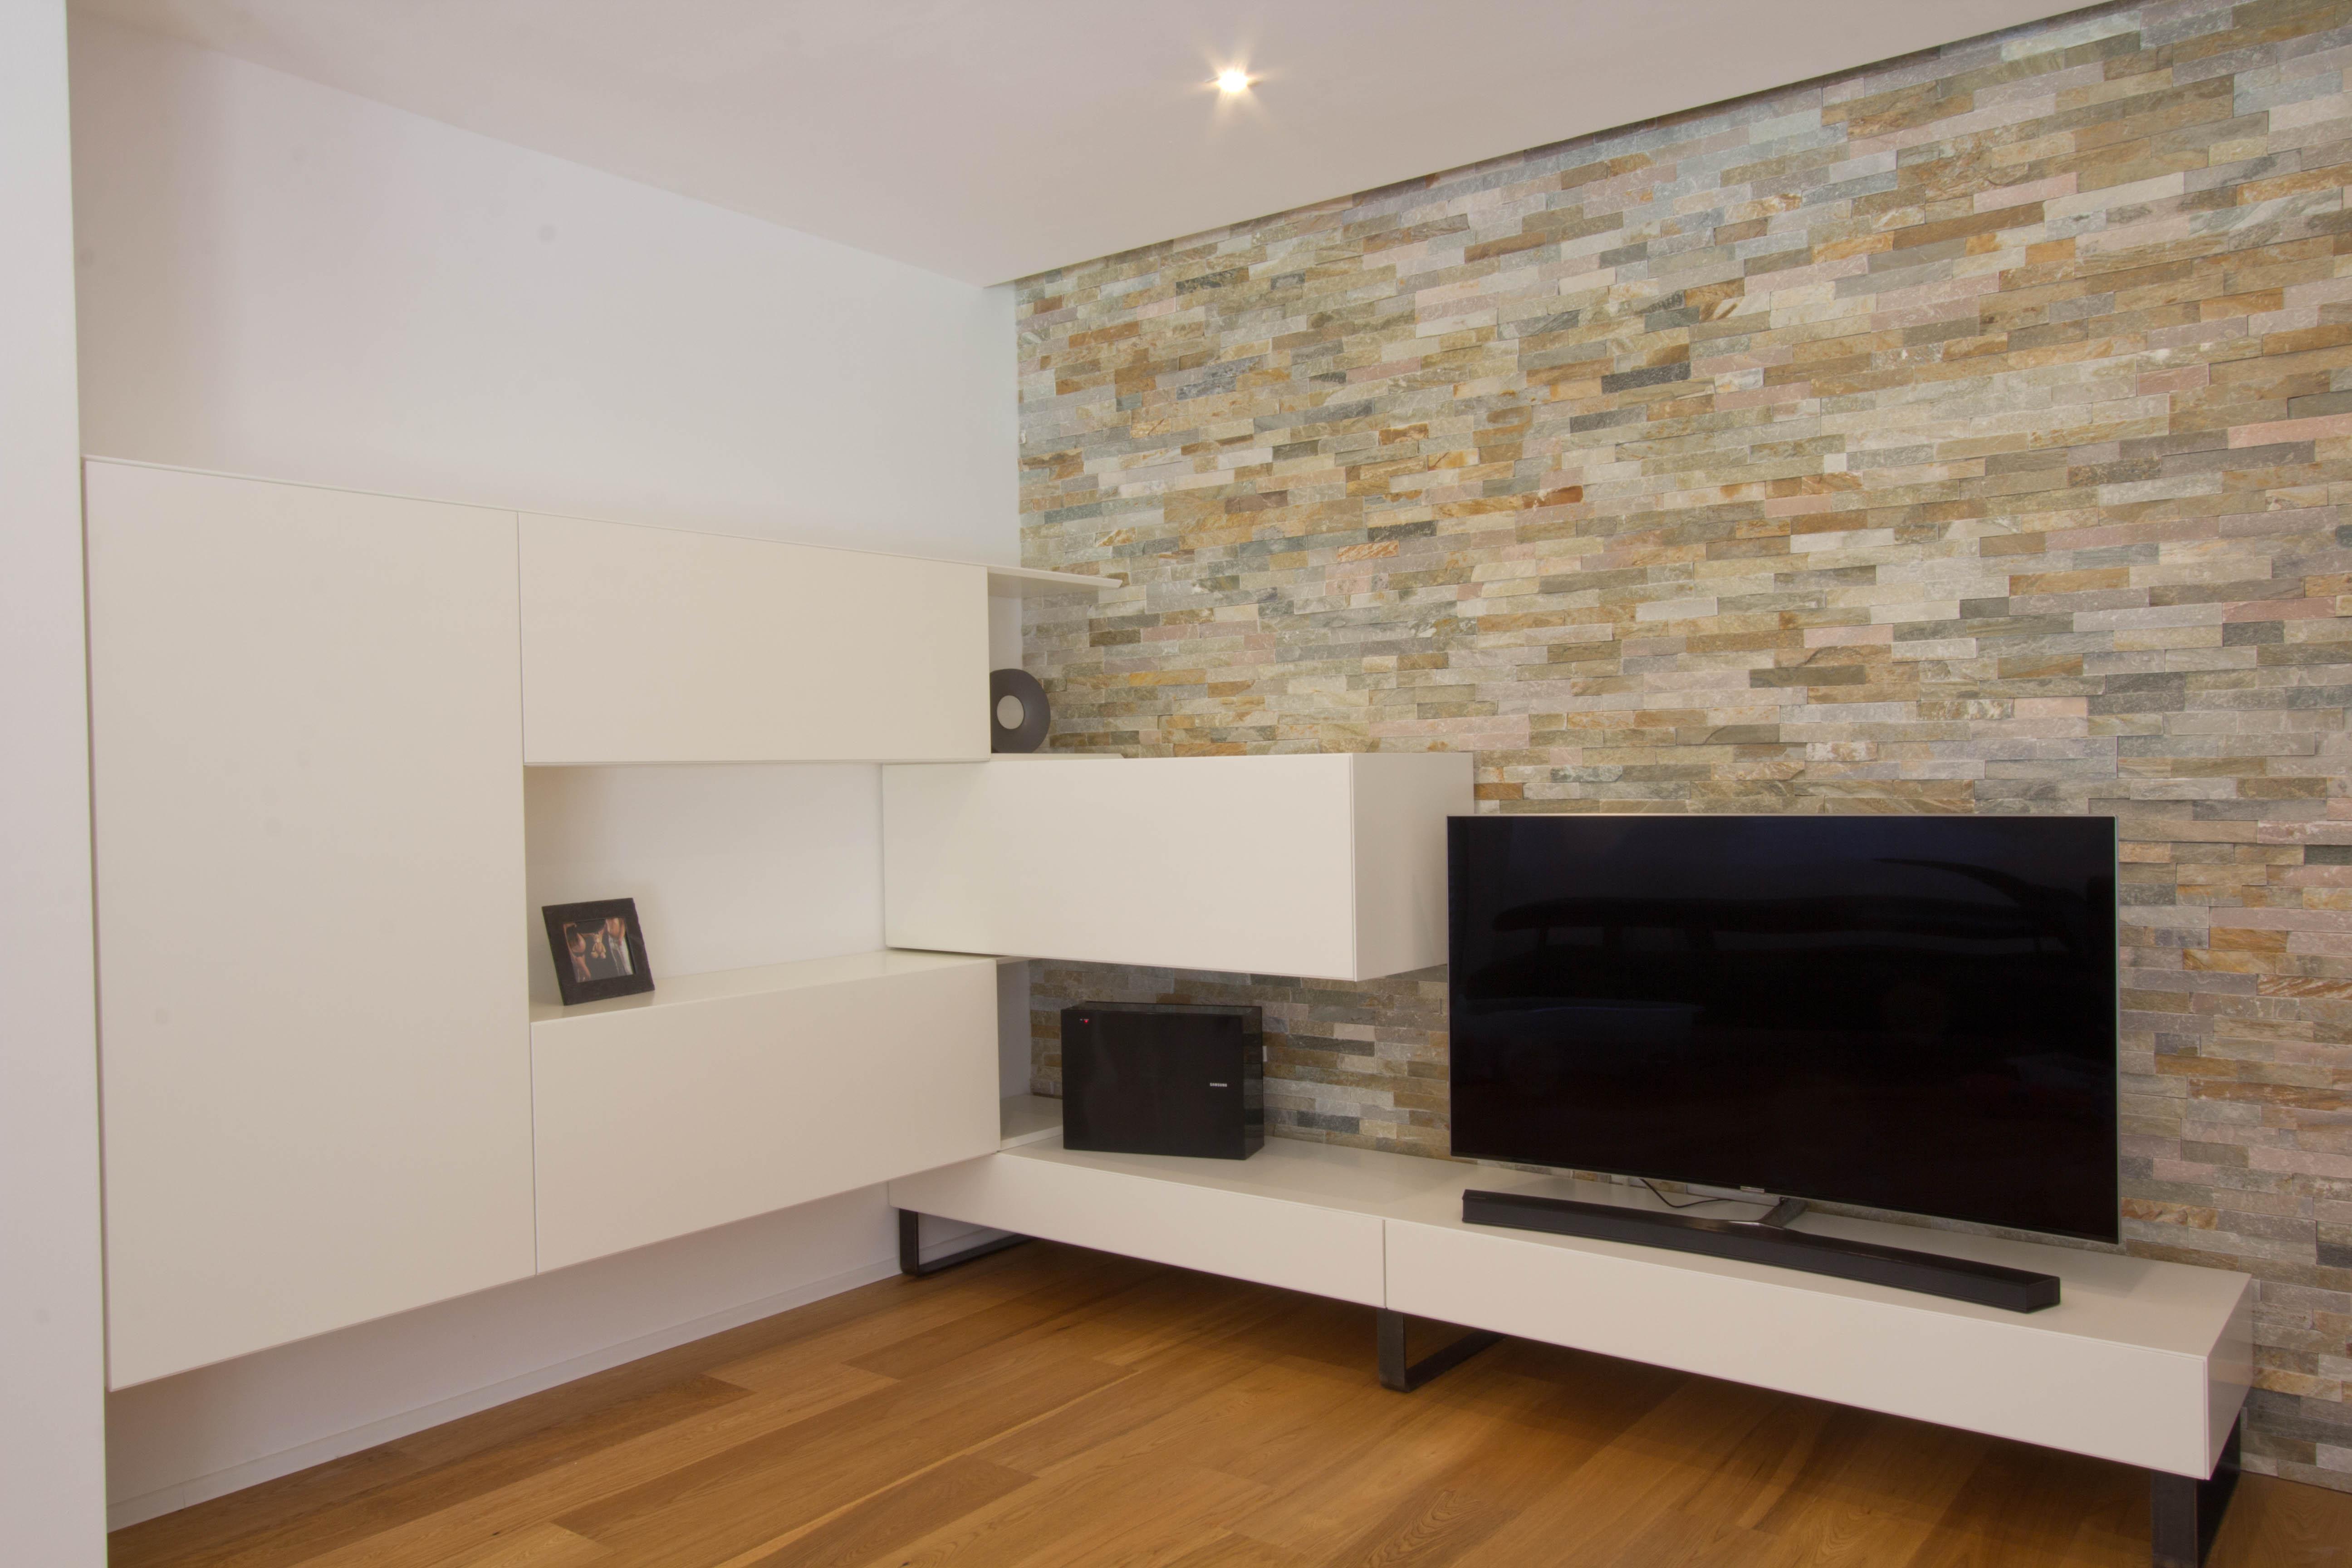 wohnzimmer mit stein wohnwand listberger tischlerei. Black Bedroom Furniture Sets. Home Design Ideas